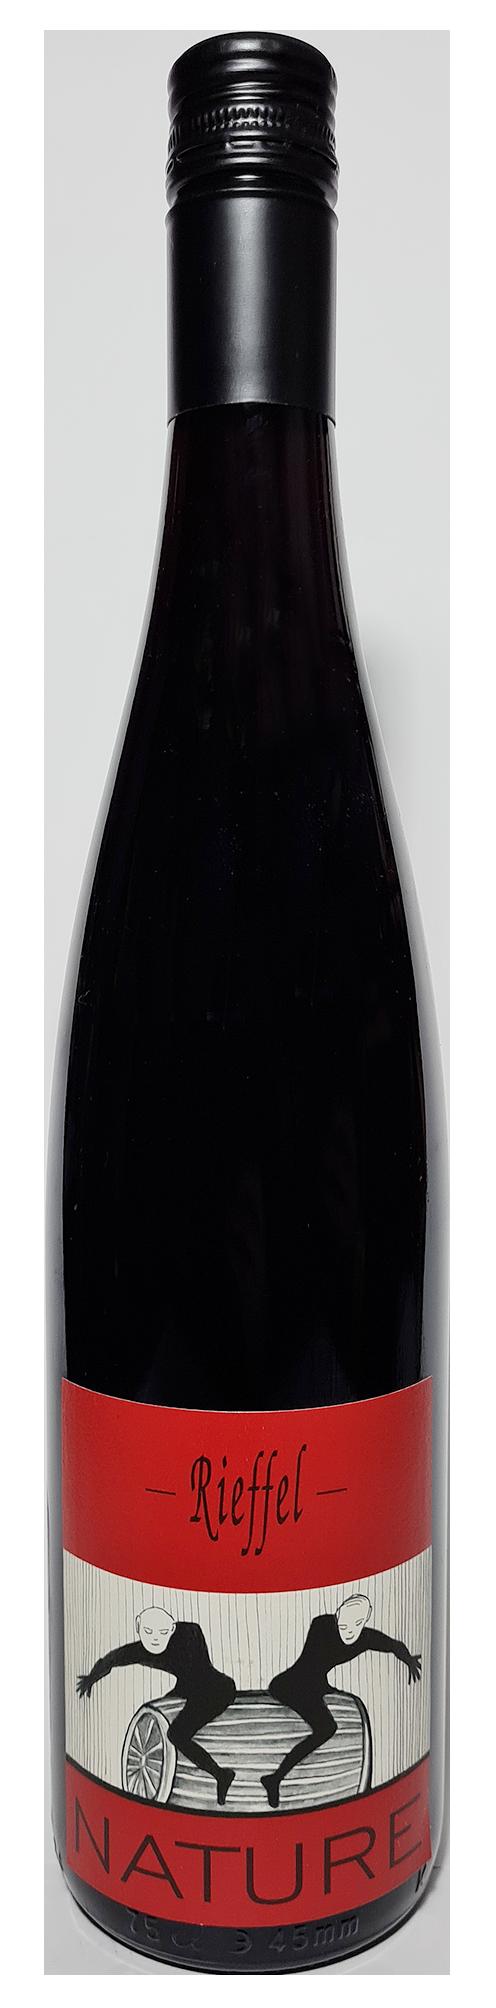 Bouteille de vin rouge naturel, Pinot Noir Nature 2019 Domaine Rieffel